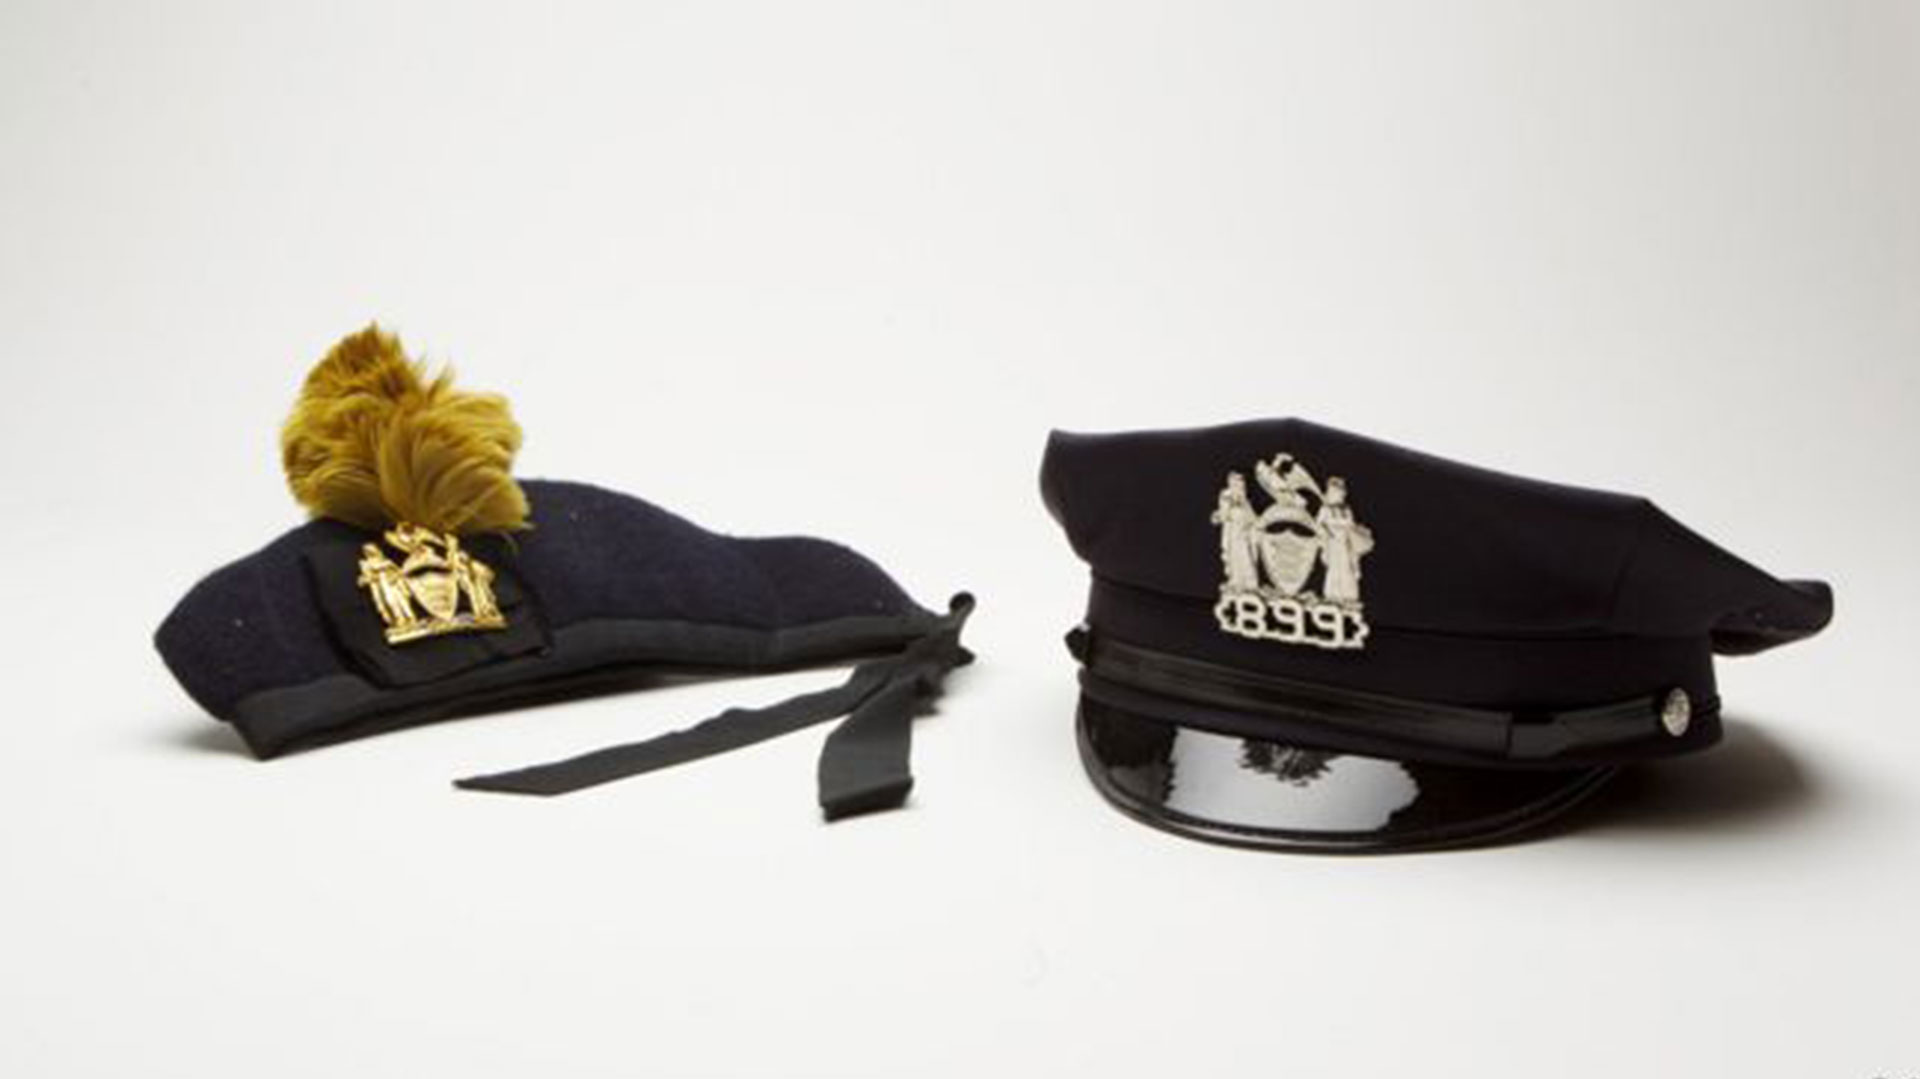 Estas dos gorras pertenecían al policía Liam Callaham. Utilizaba la primera cuando actuaba en la banda musical. Portaba la segunda al momento de morir, a sus 44 años, durante el ataque